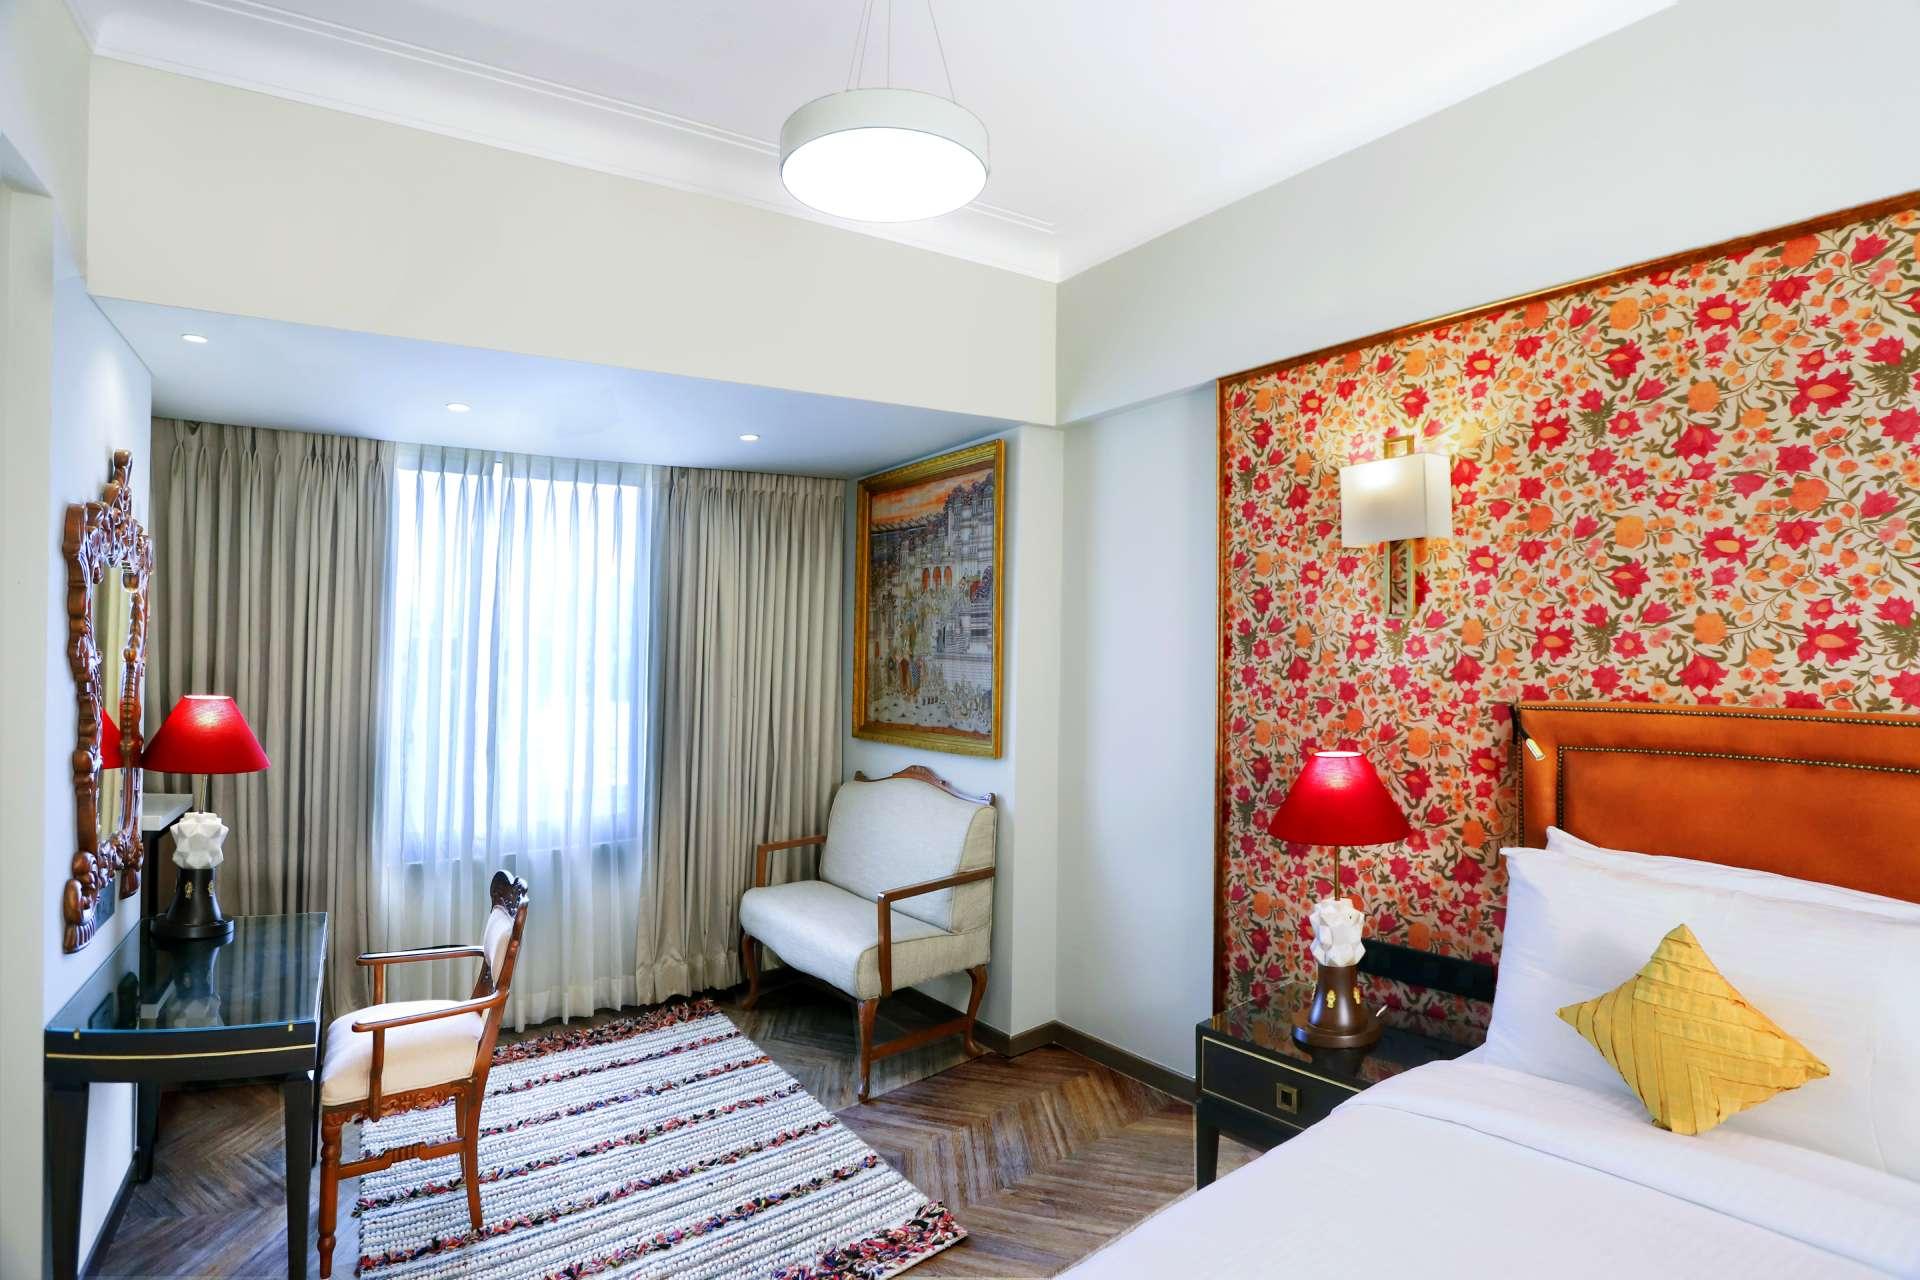 luxury room the ambassador mumbai - The Ambassador | Heritage Hotels in Mumbai, Aurangabad, Chennai - Demo Group Home Page